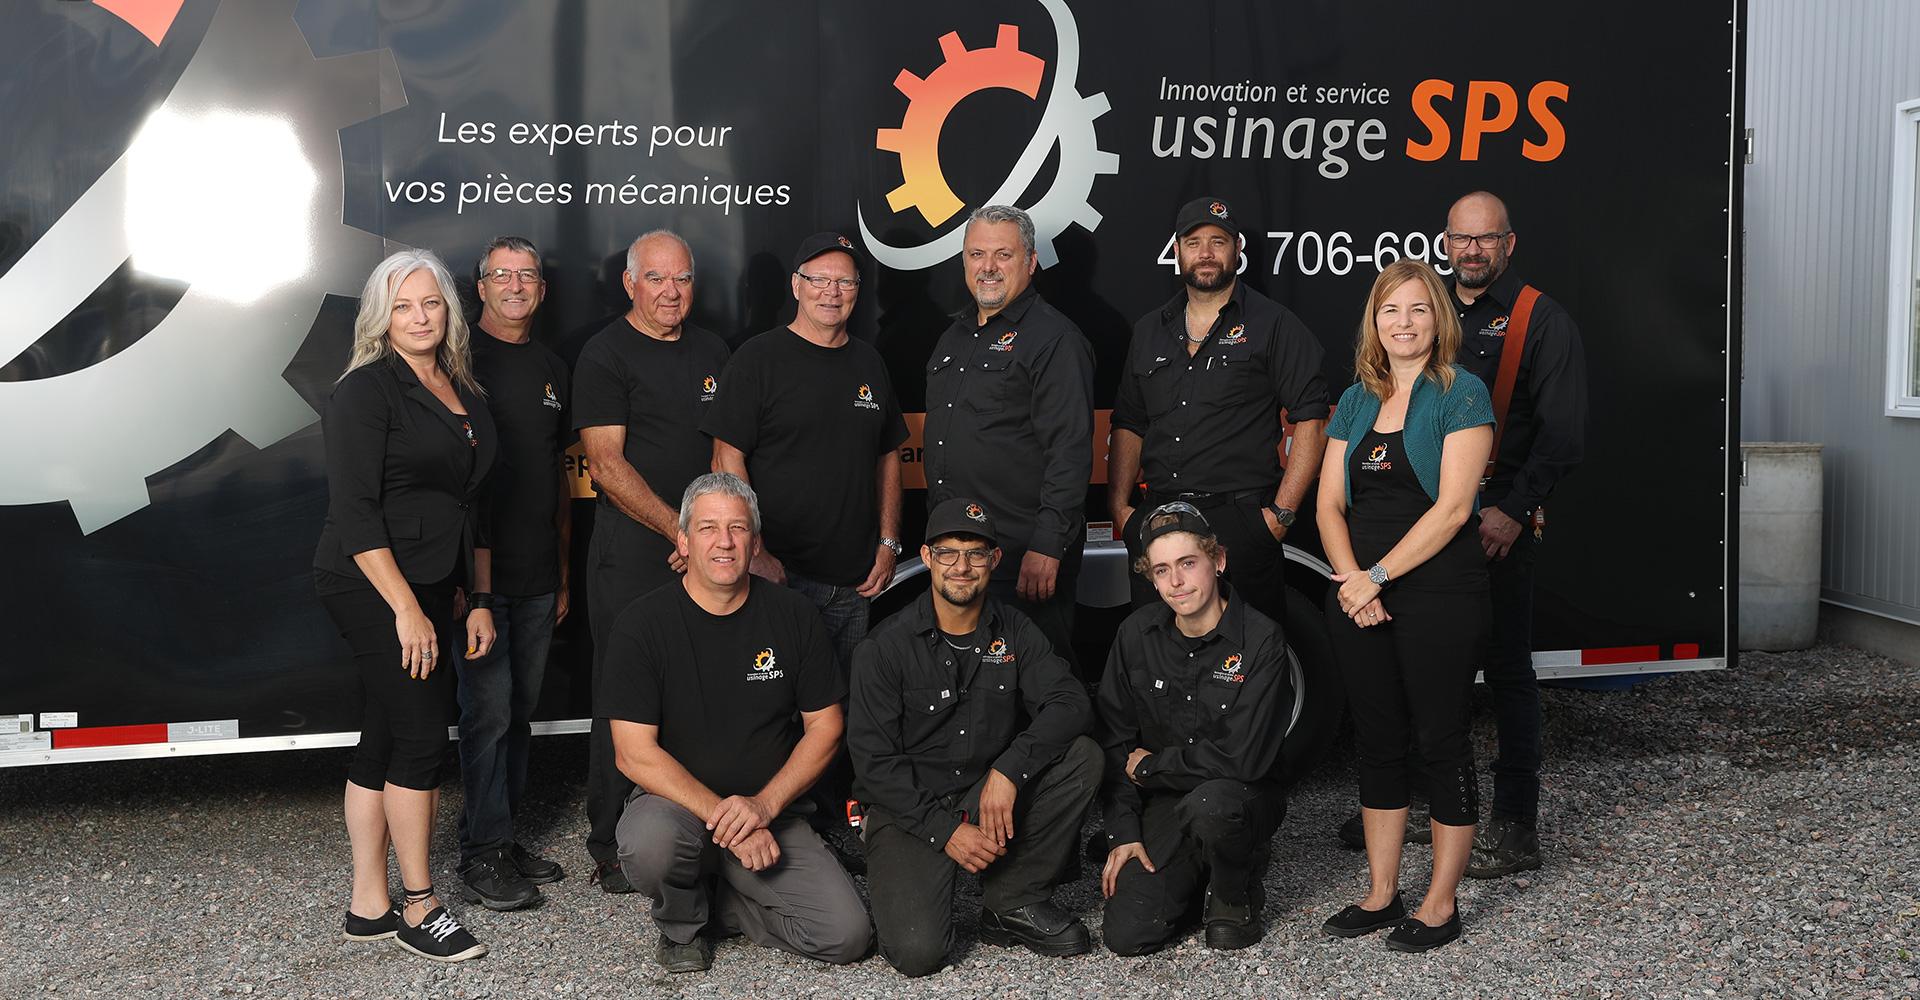 usinage-sps-equipe